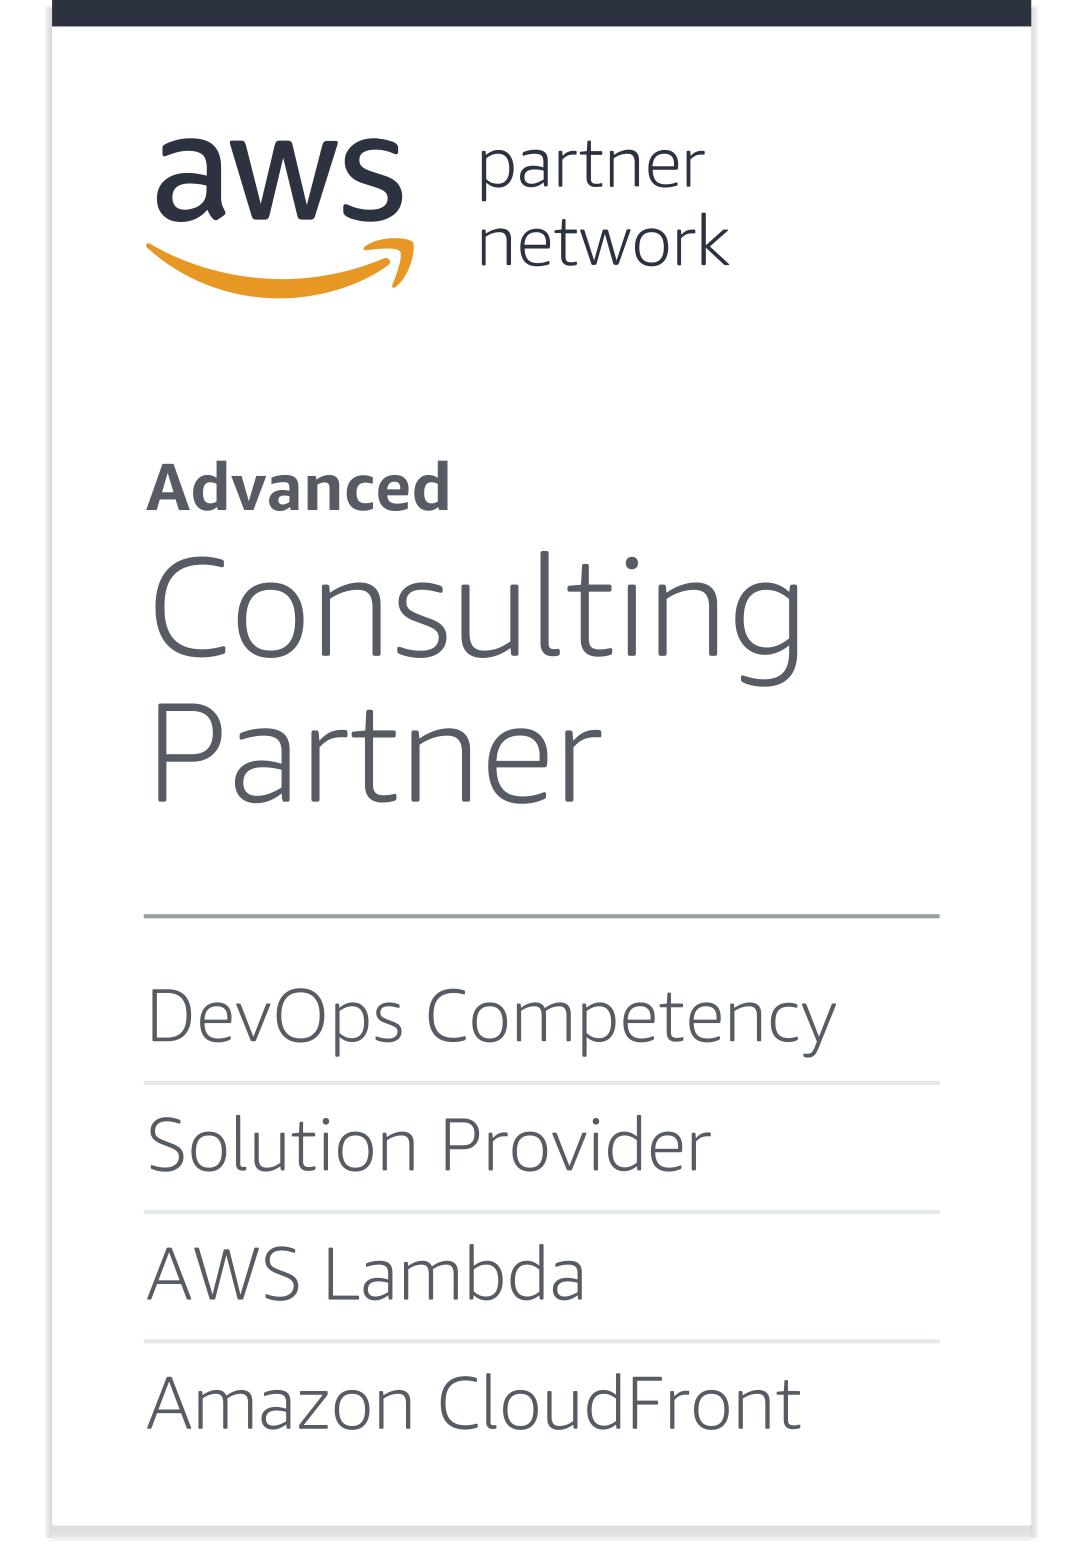 株式会社MMMは『AWS DevOps コンピテンシー』認定を取得しました